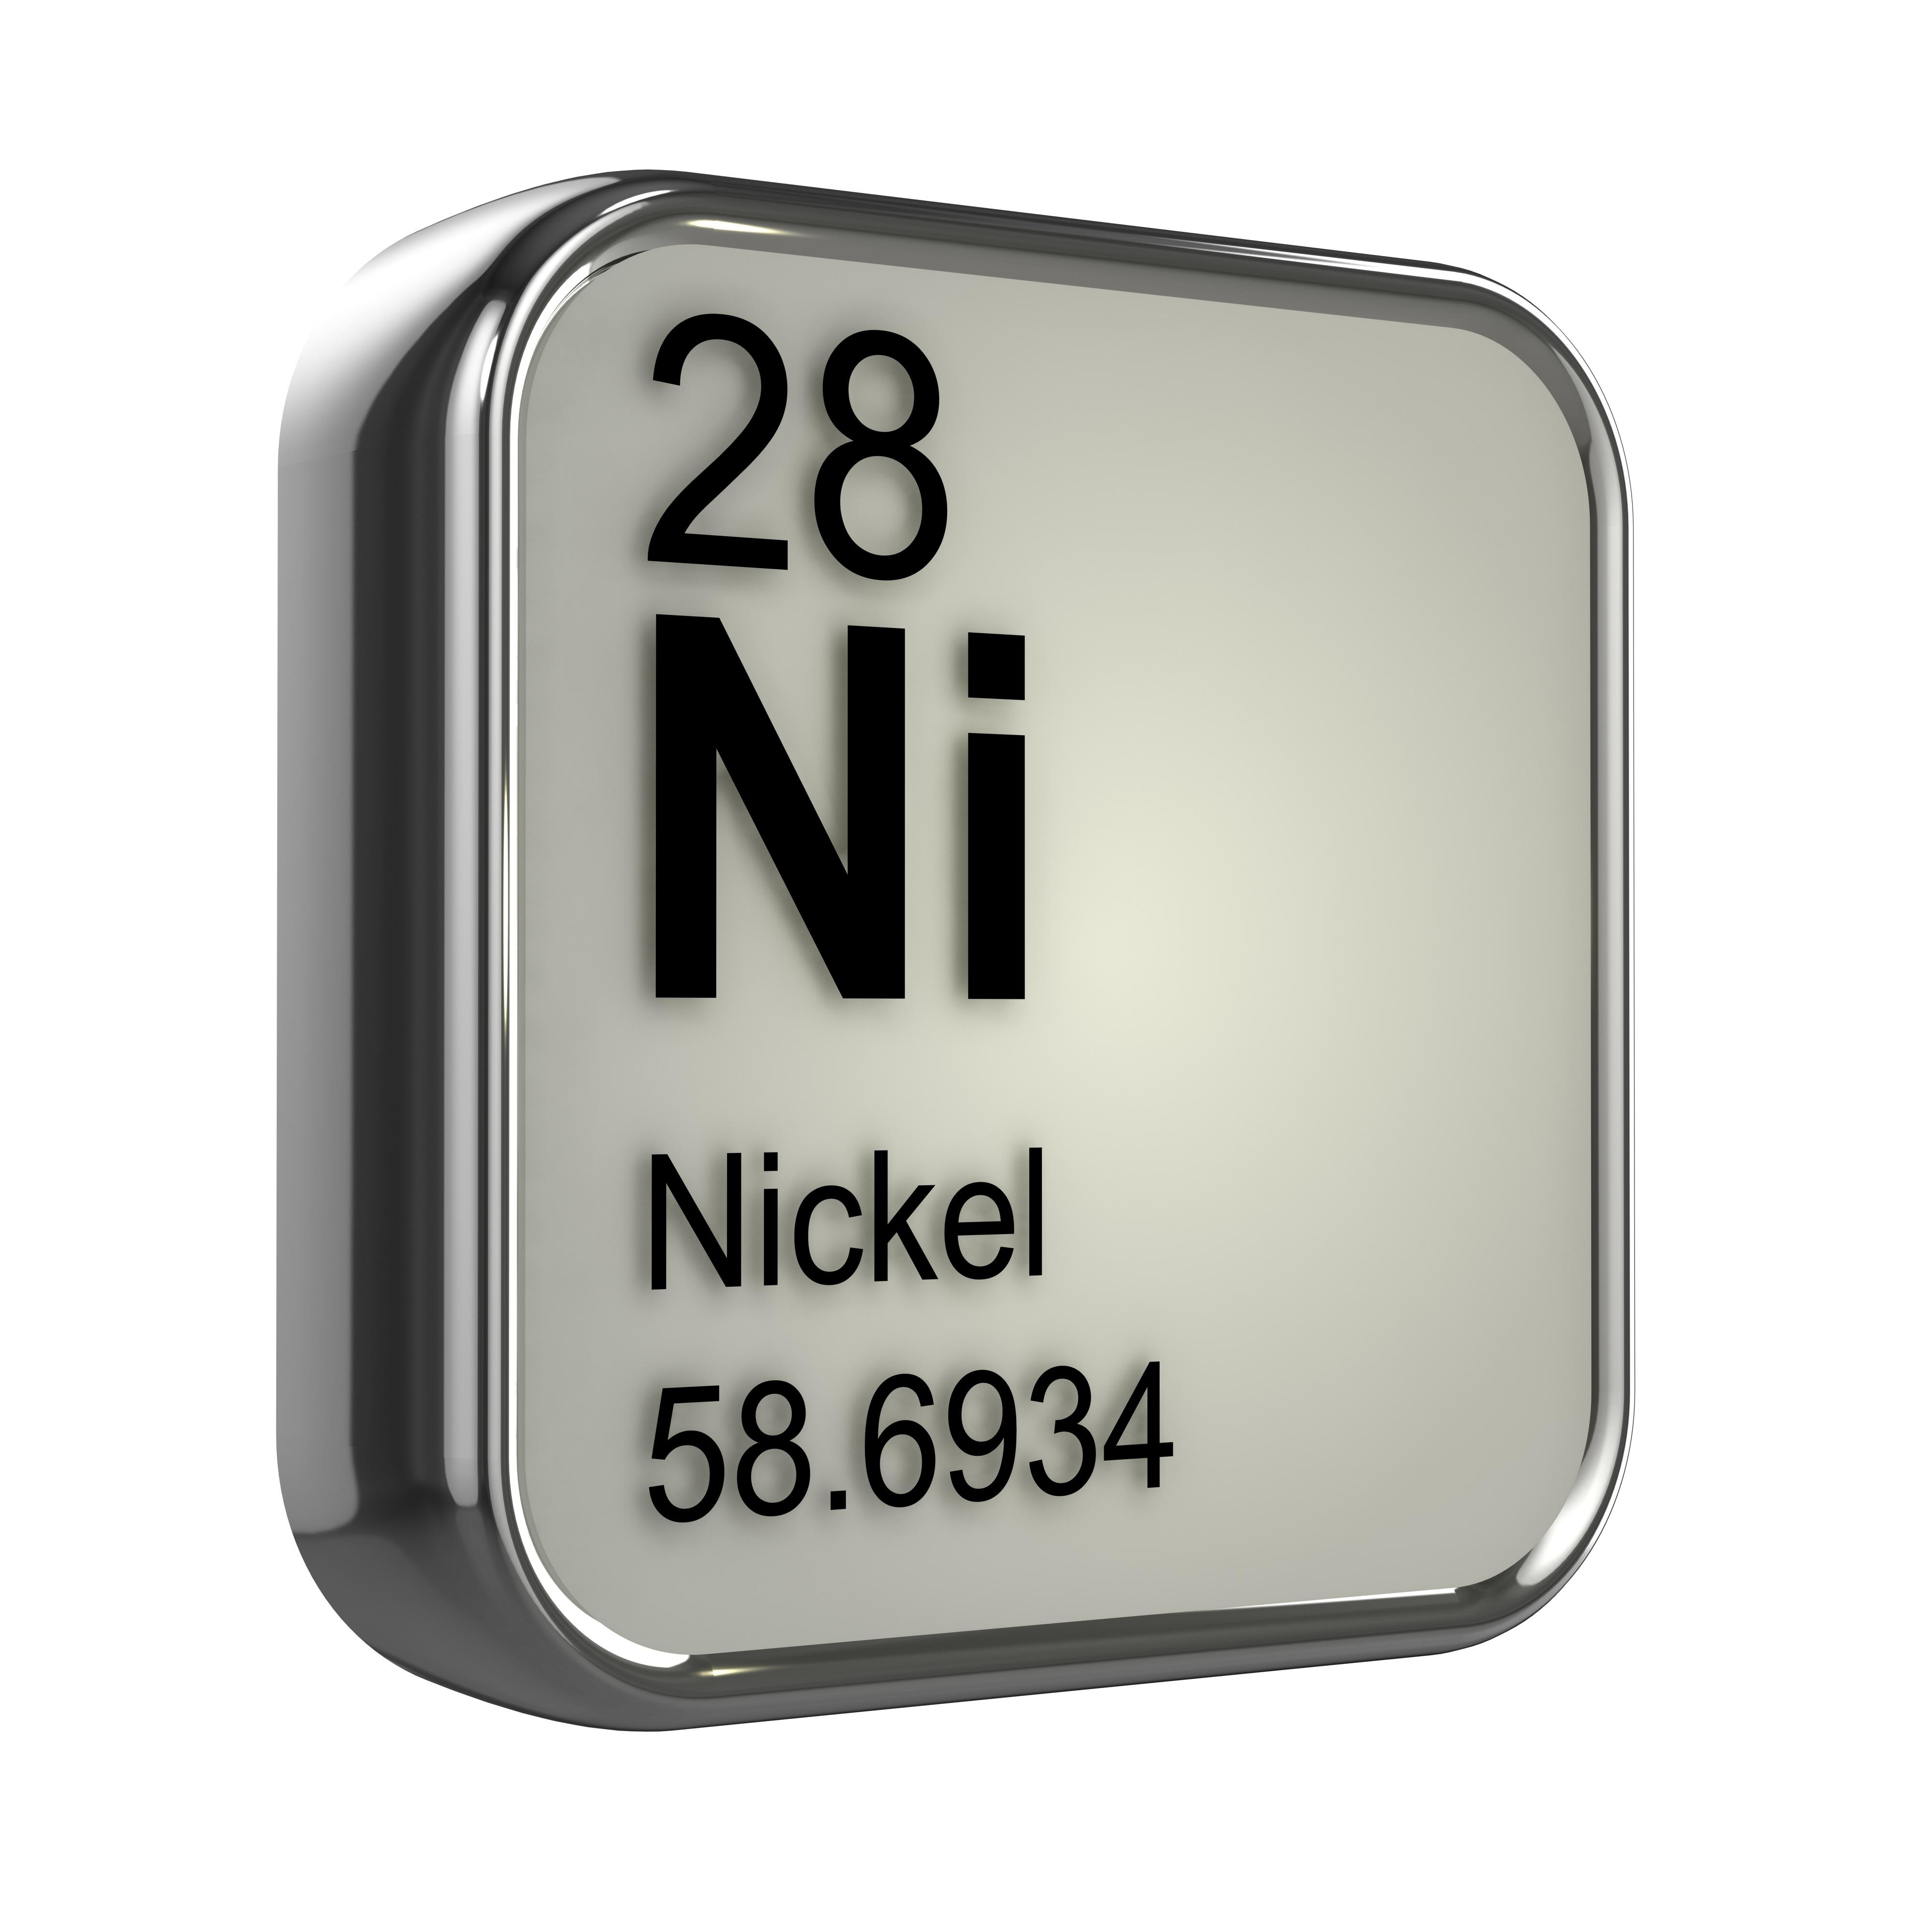 ARMI Nickel Alloy CRMs